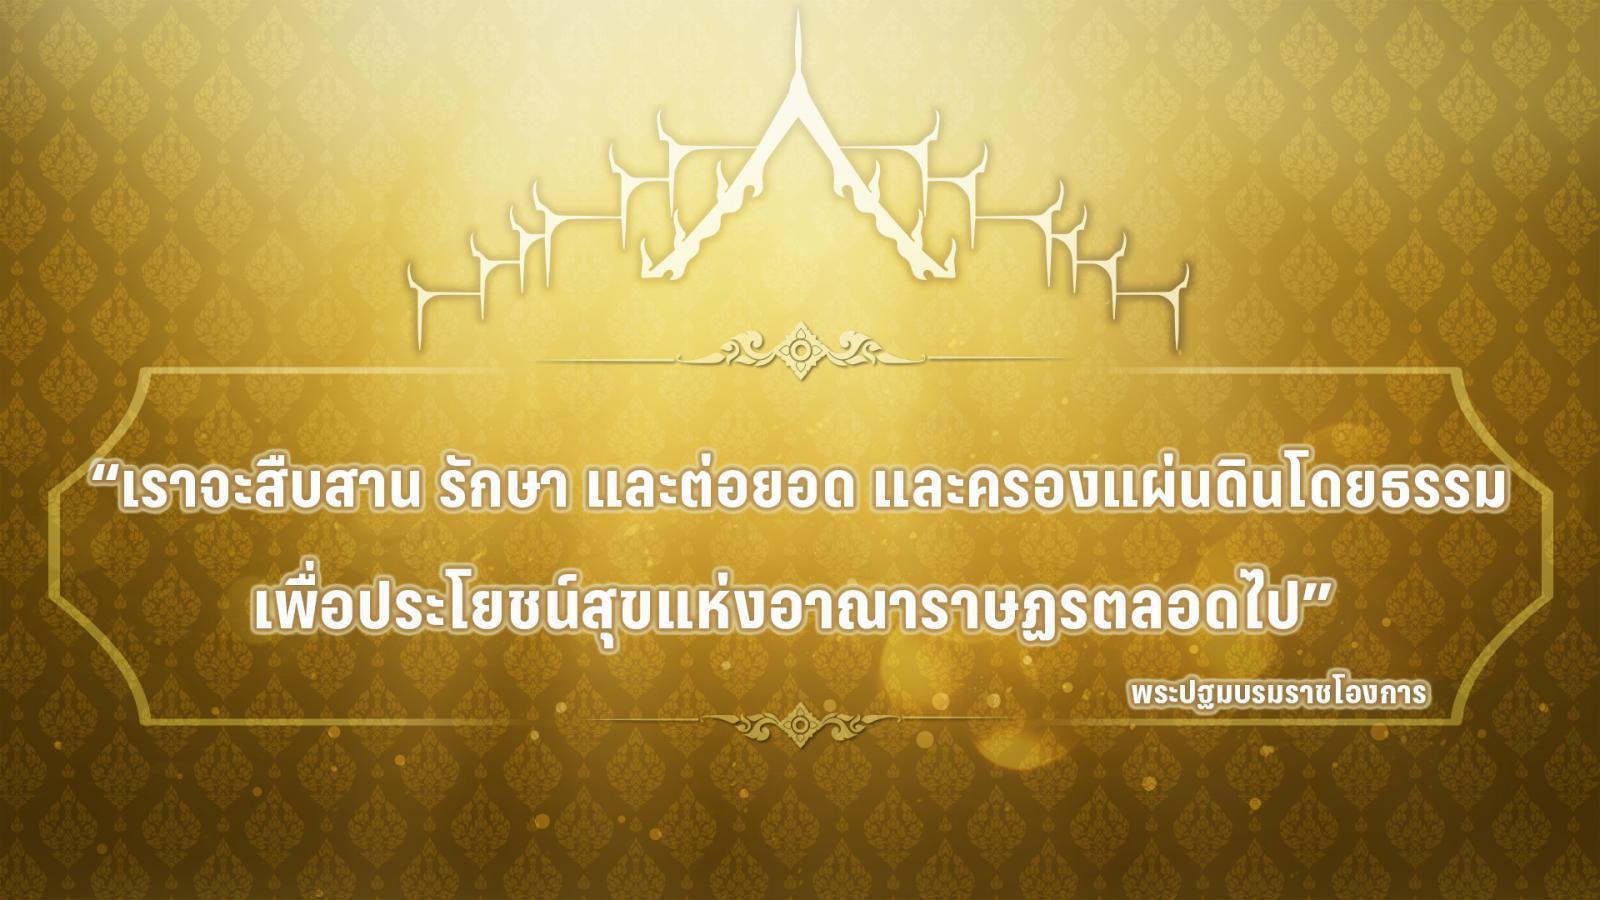 พระบาทสมเด็จพระเจ้าอยู่หัวฯ พระราชทานพระปฐมบรมราชโองการ